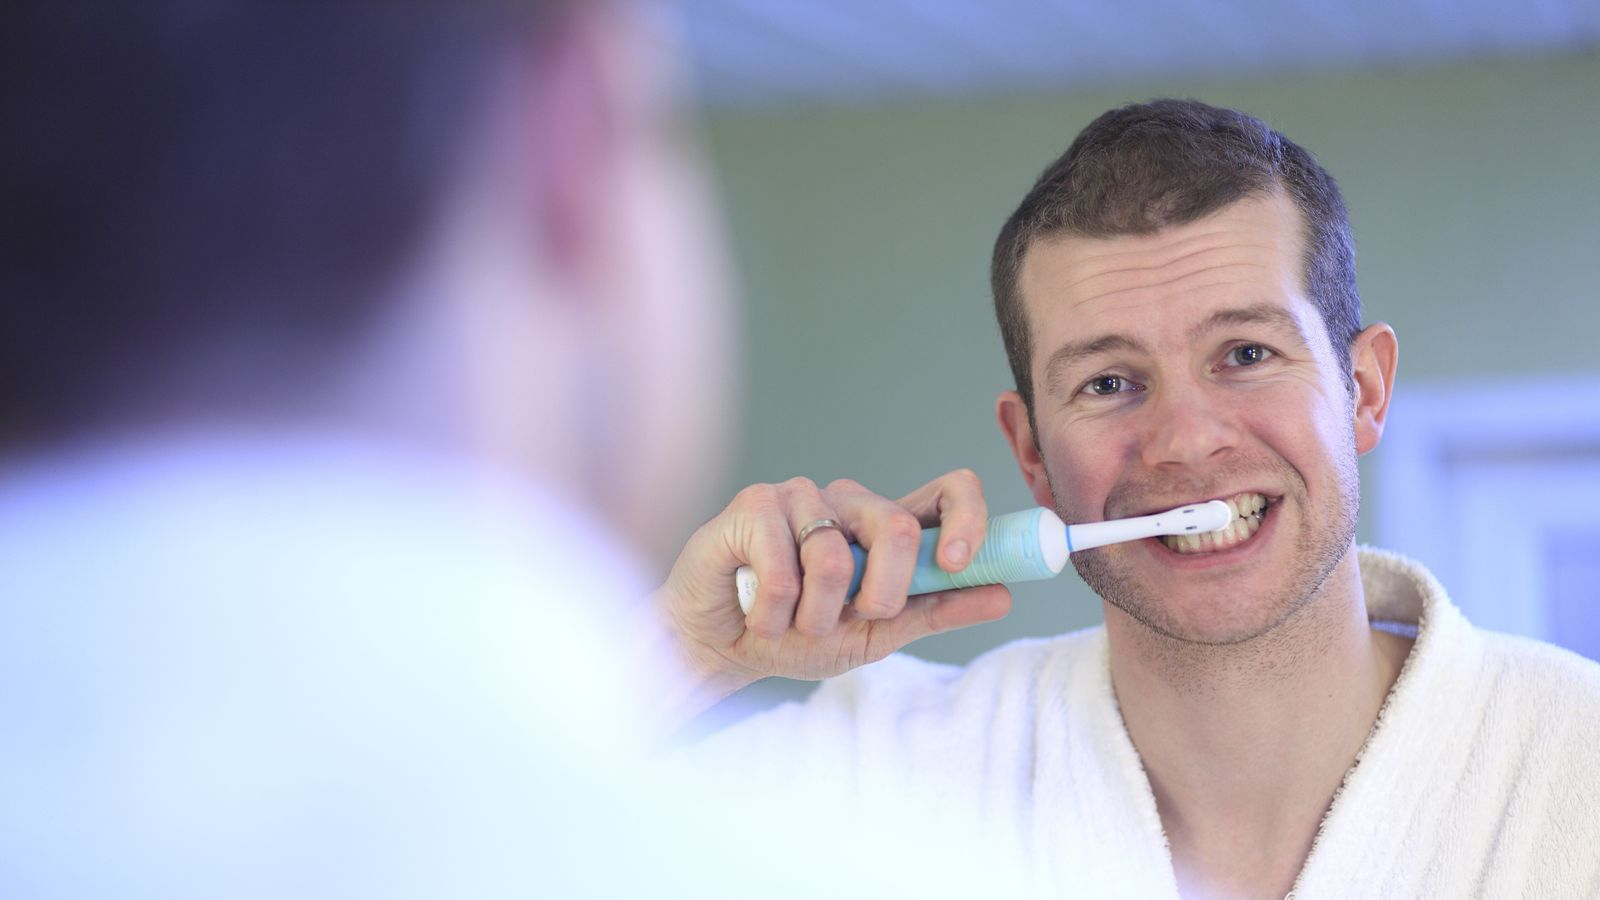 Foto: Los dos momentos del día más indicados para cepillarse los dientes son la mañana y la noche. (Corbis)